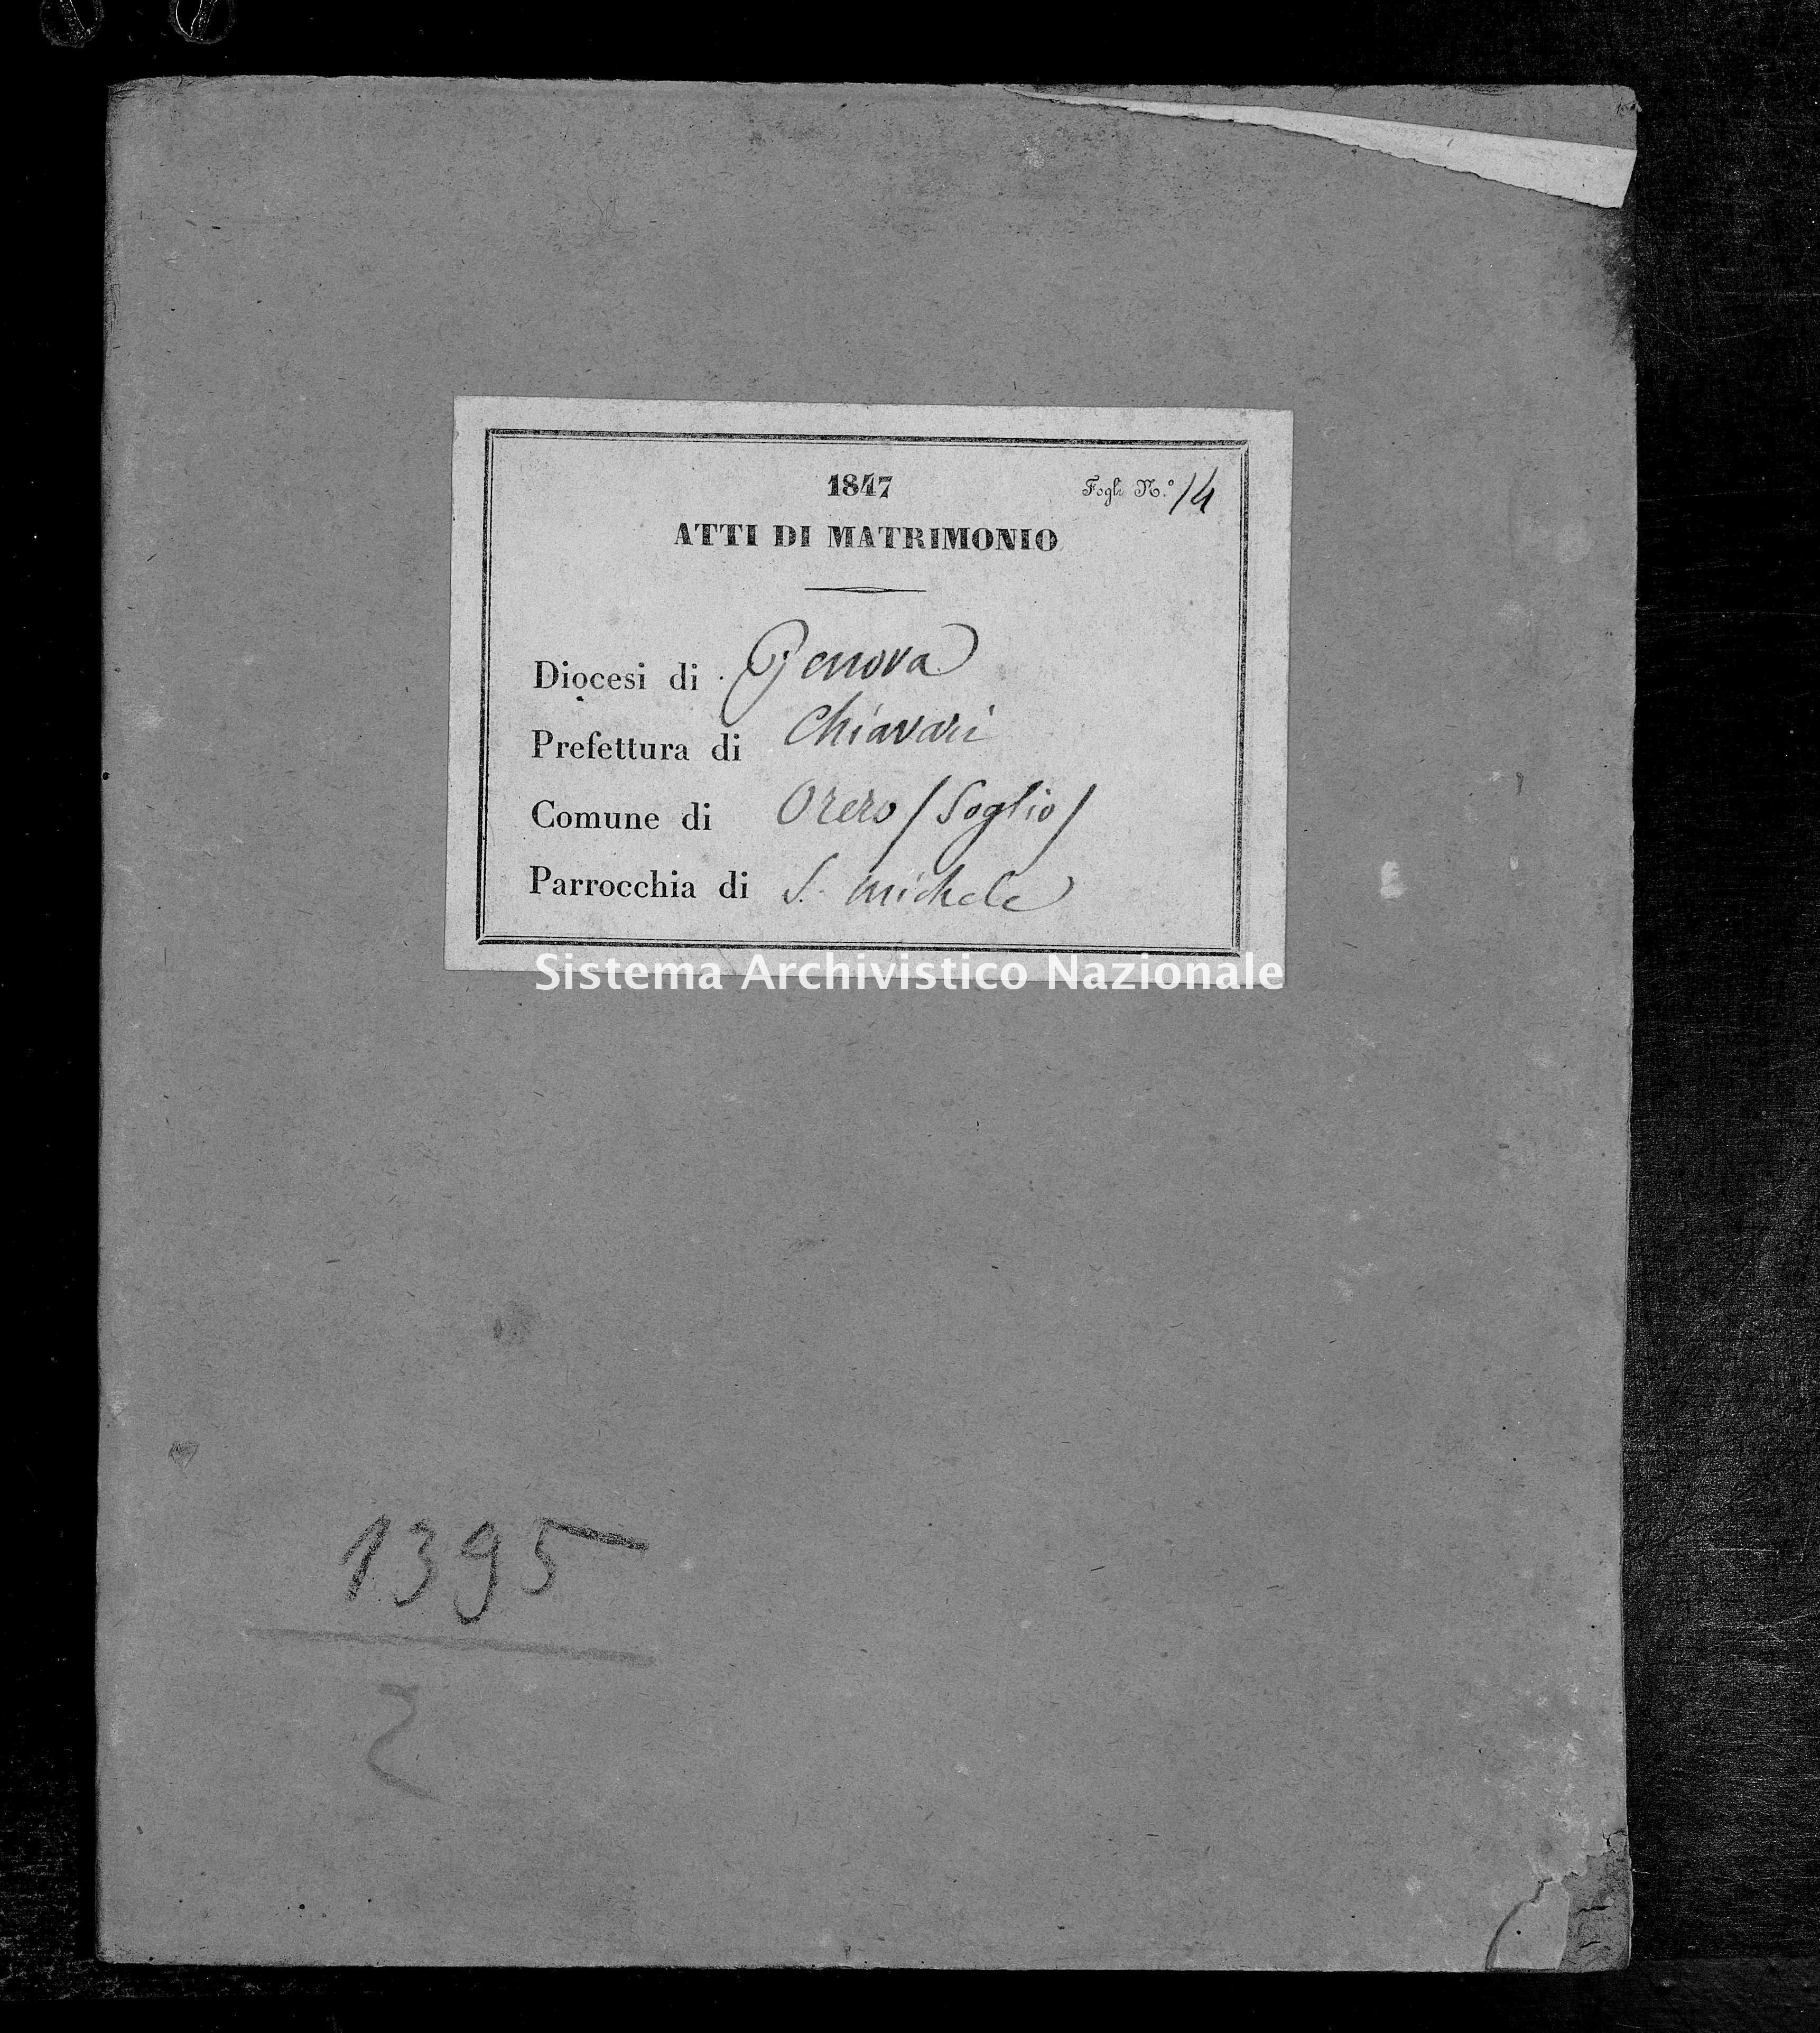 Archivio di stato di Genova - Stato civile della restaurazione - Soglio - Matrimoni - 1847 - 83-84 -